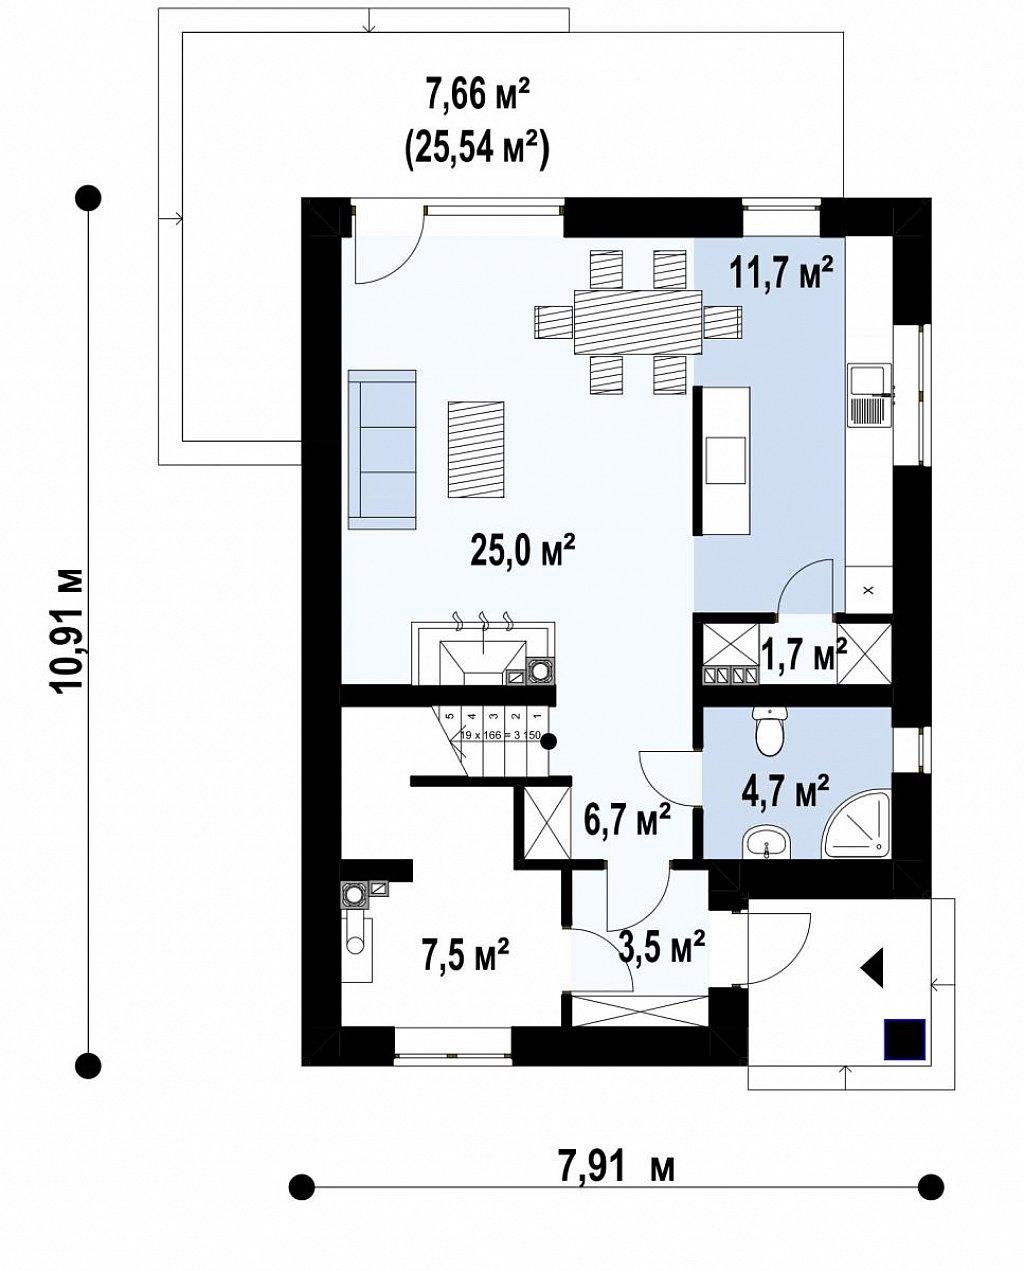 Компактный проект двухэтажного дома план помещений 1